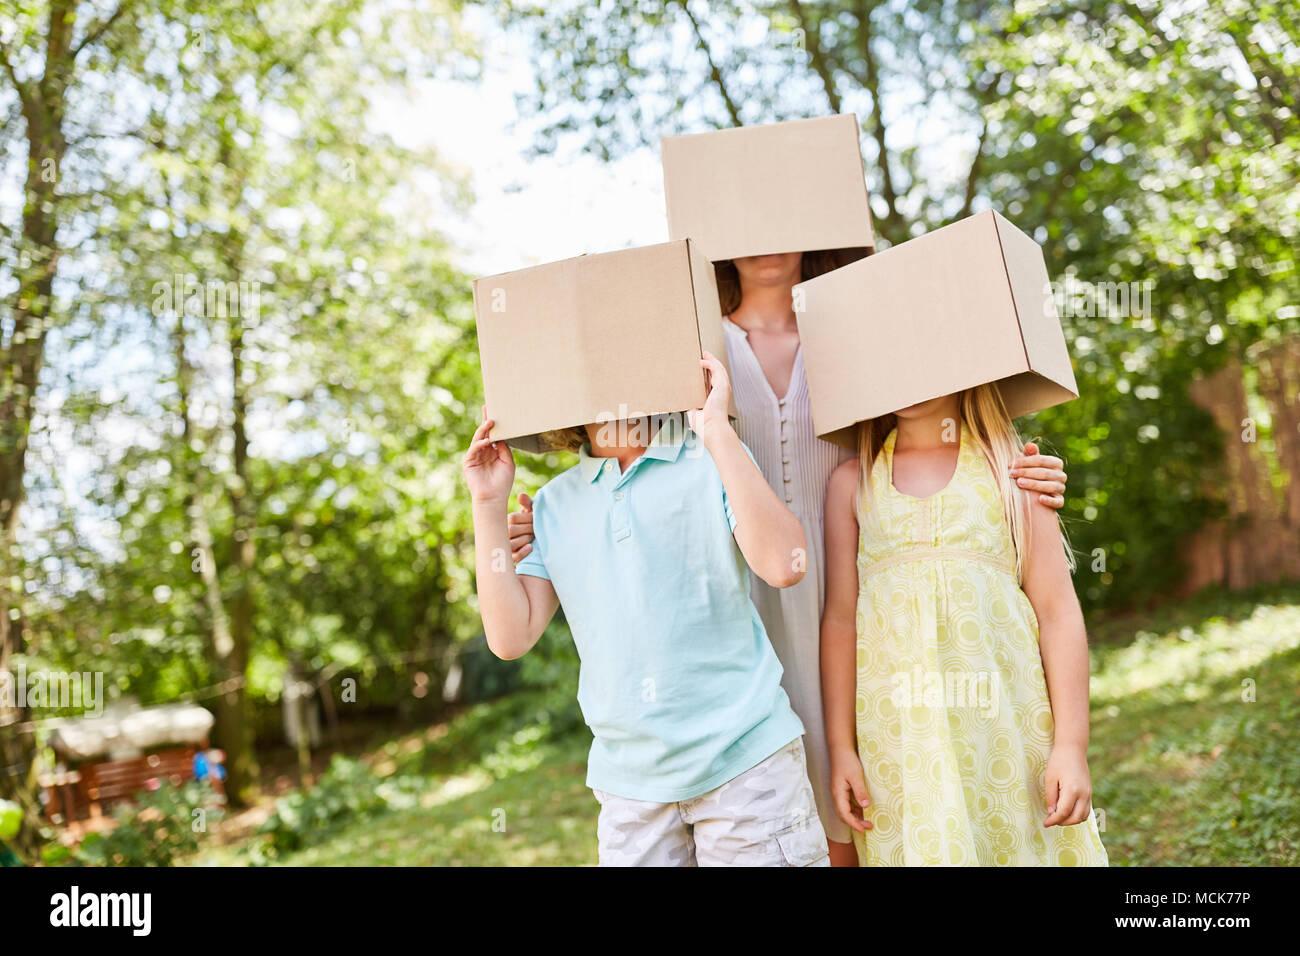 Les peuplements de la famille de façon anonyme avec les visages sous les boîtes de carton dans le jardin Photo Stock